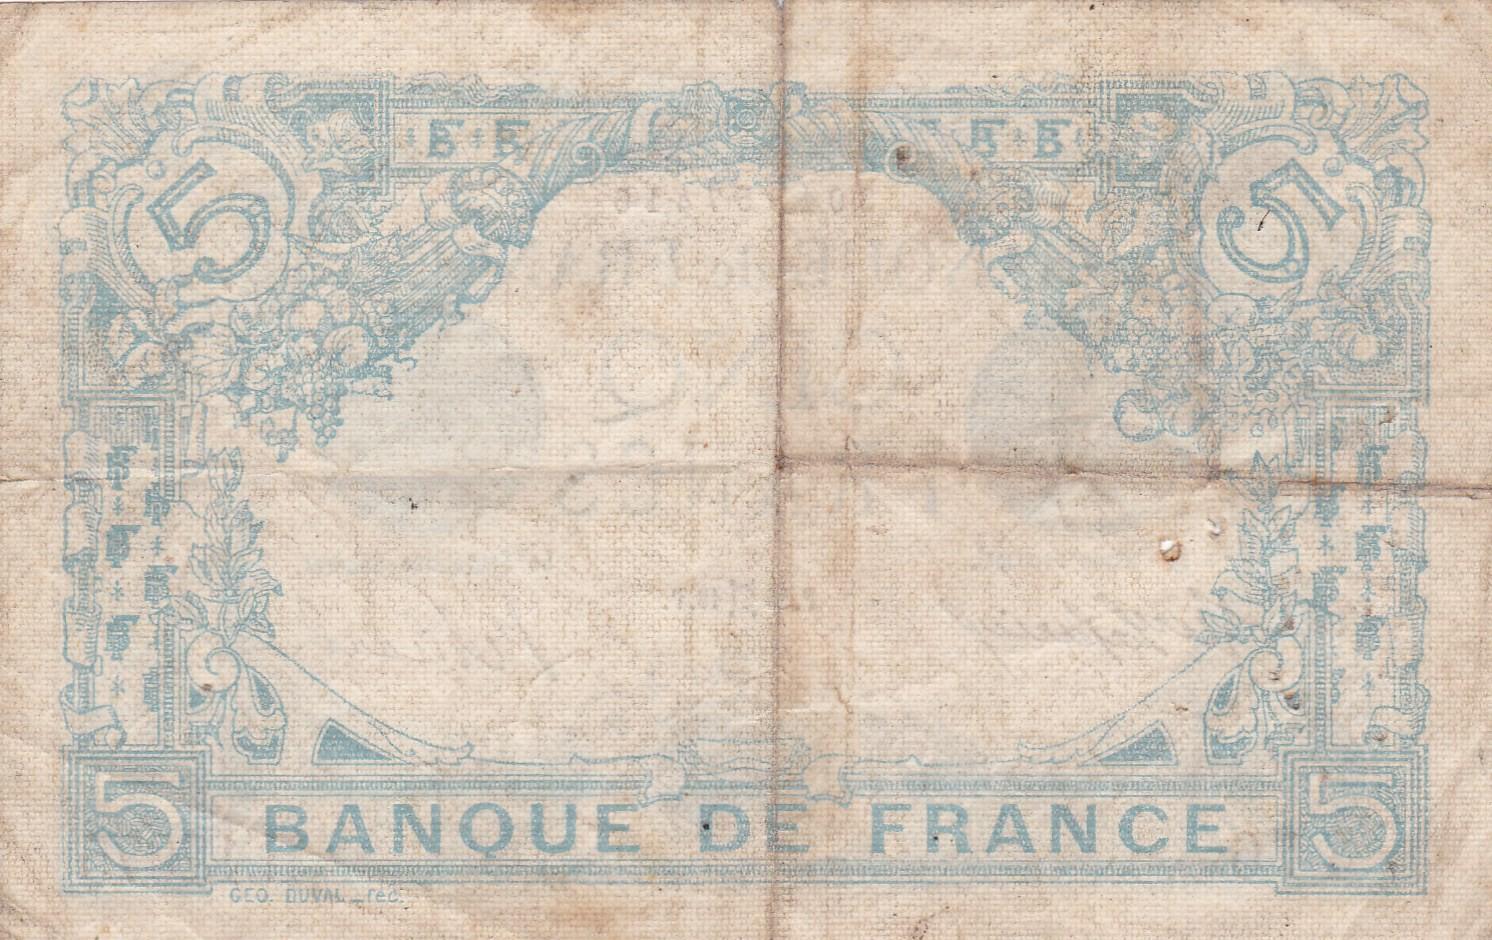 B014 fay239 billet 5frs bleu 260516